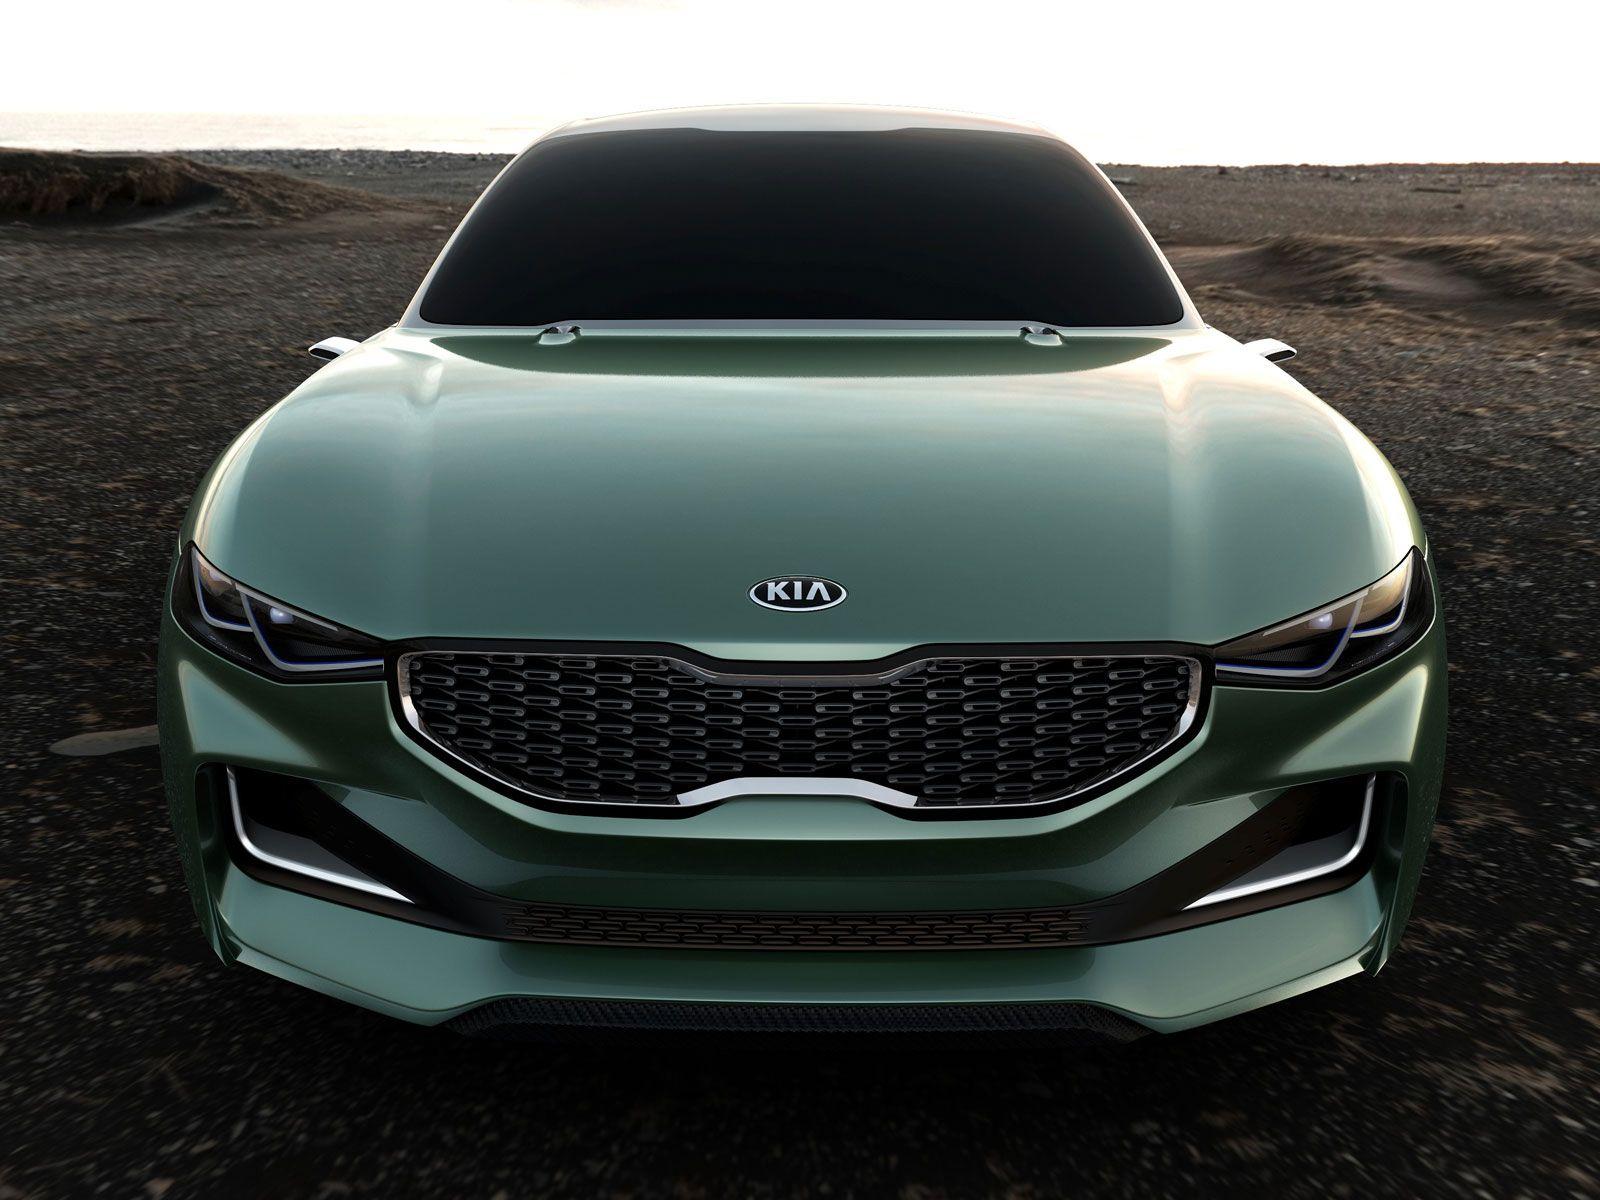 Kia Novo Concept Concept Cars Kia Kia Motors